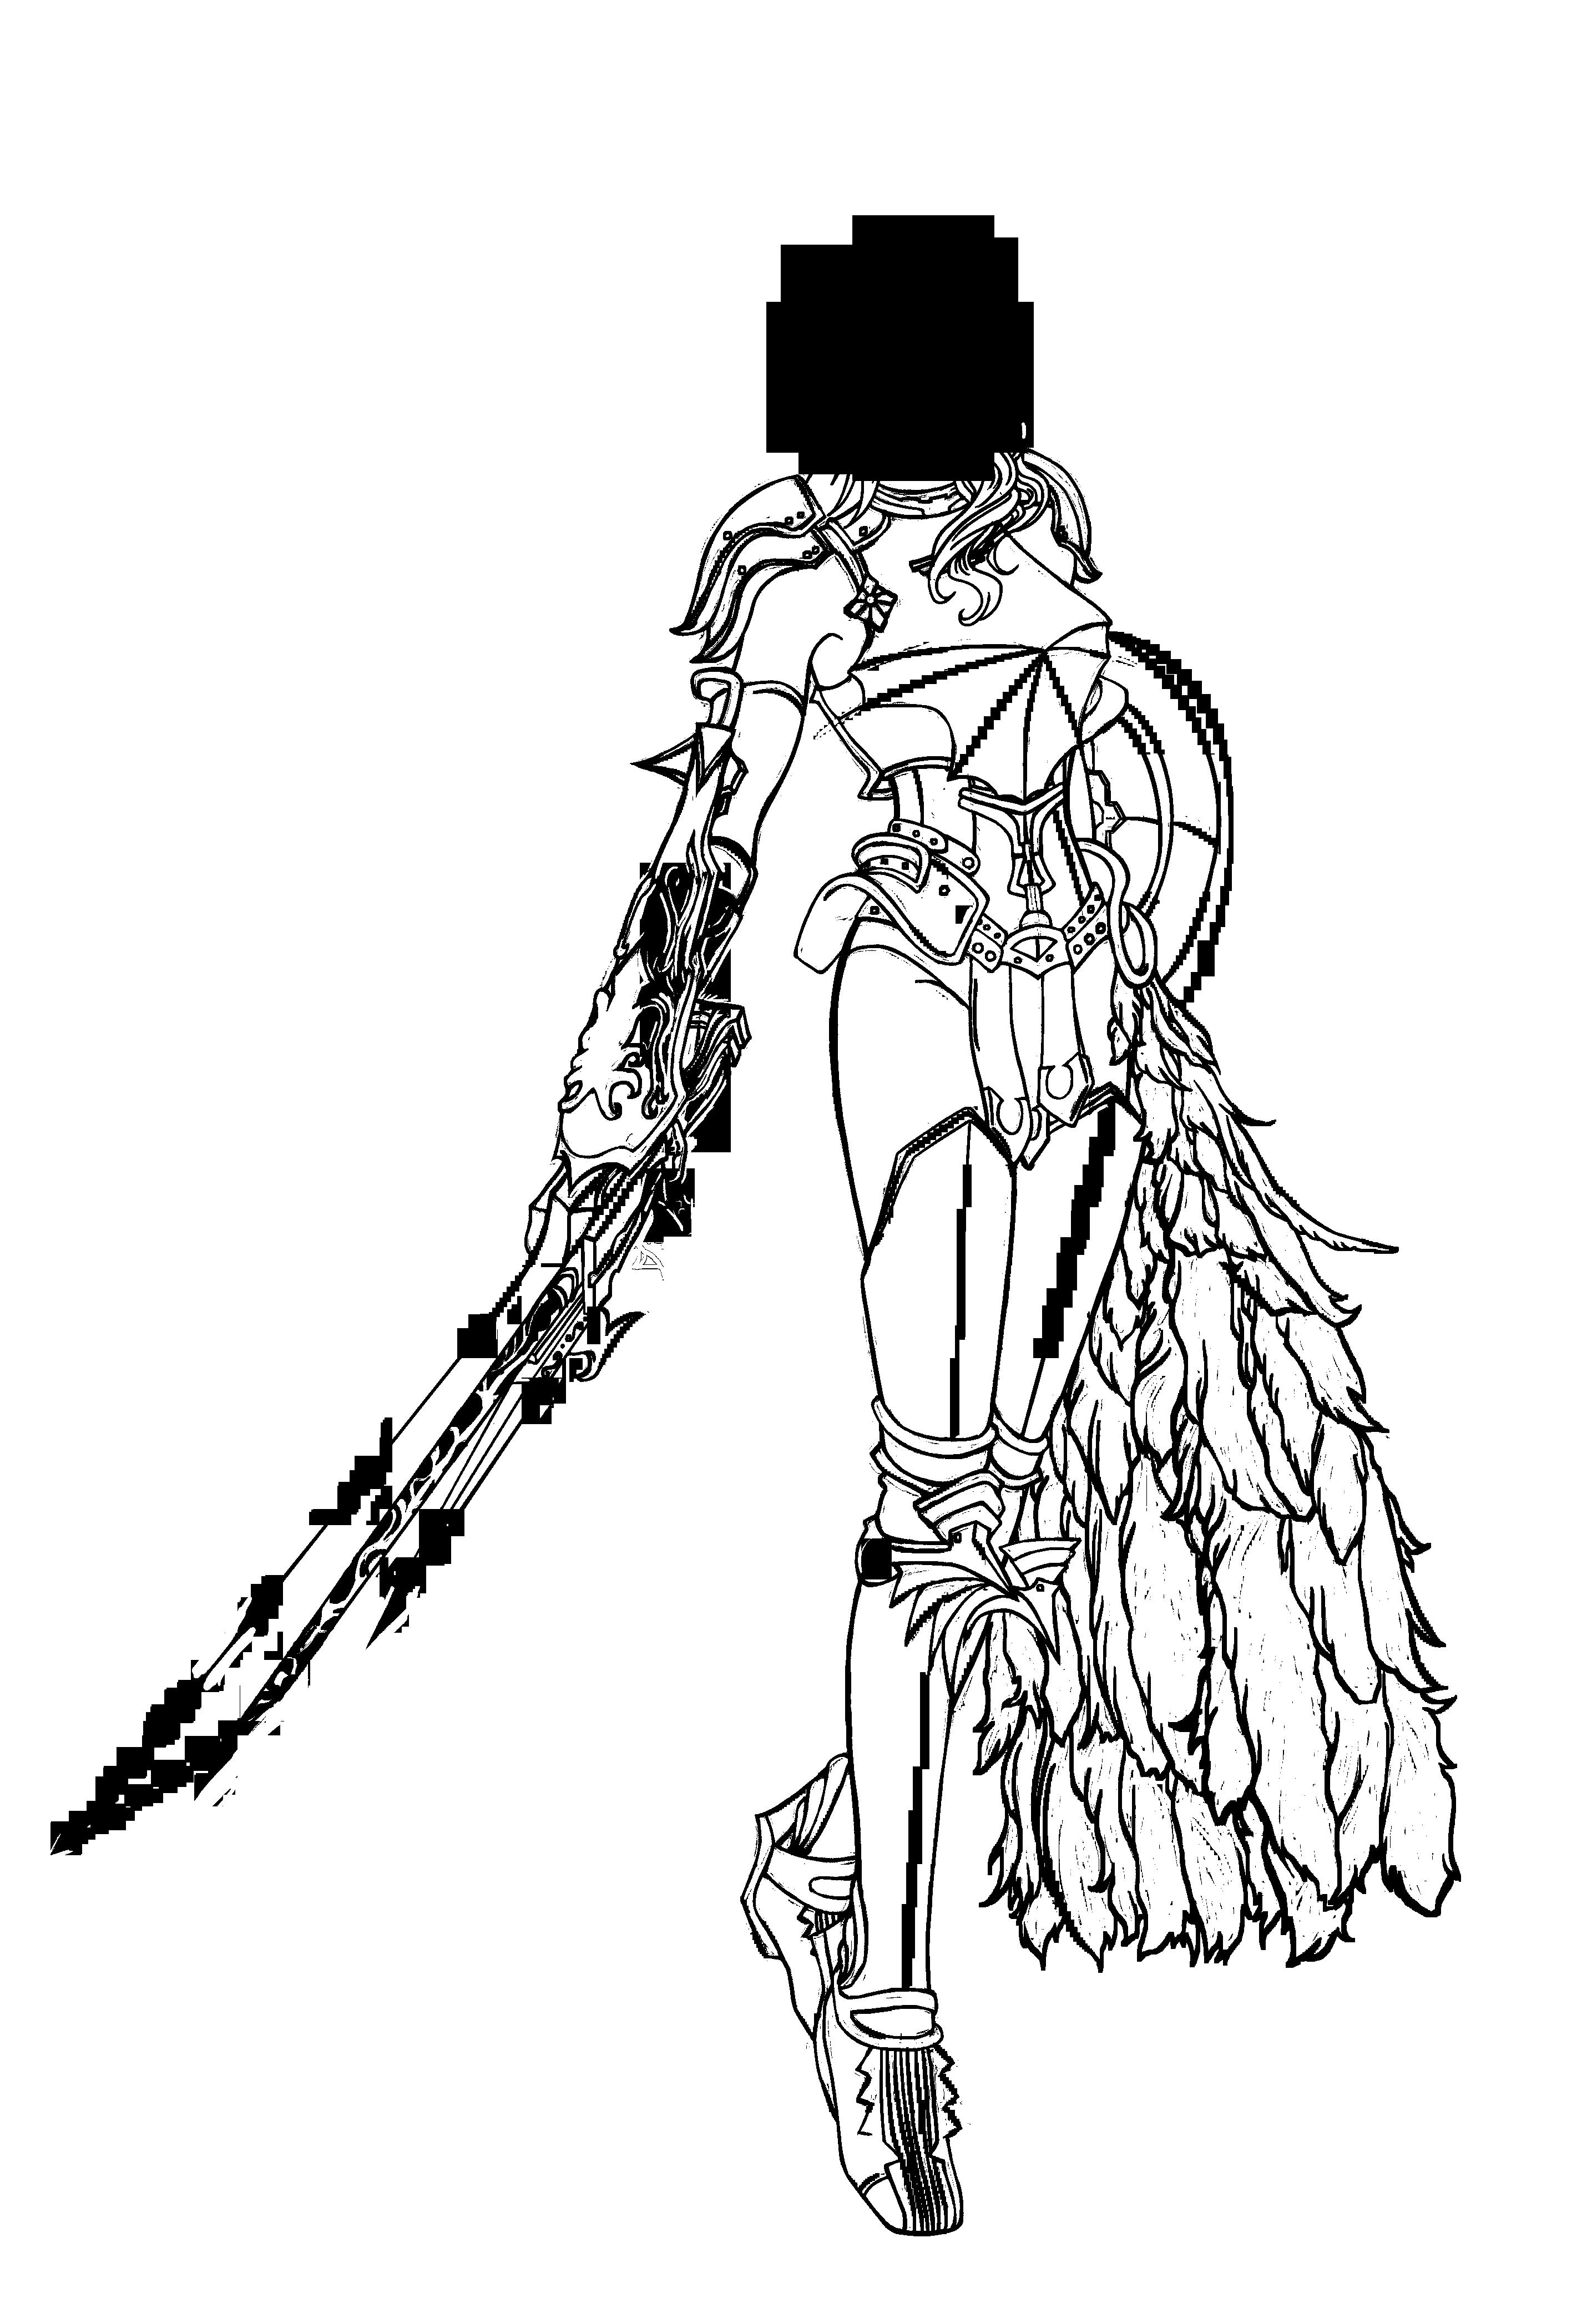 Single Line Character Art : Anime lightning farron line art by gem on deviantart